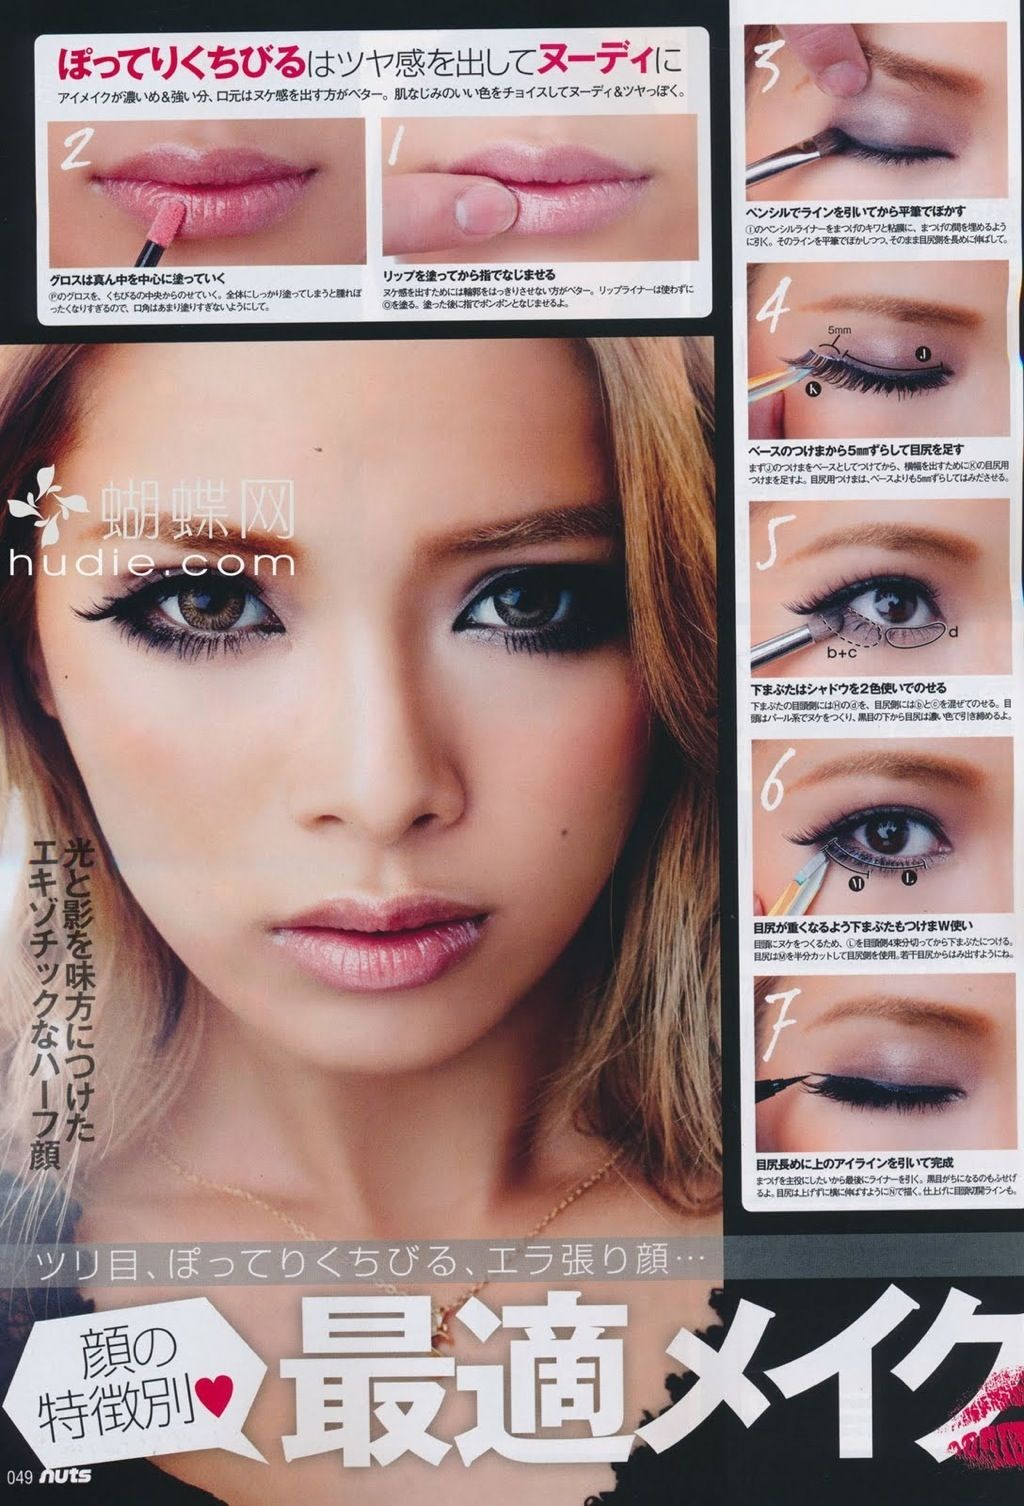 Japanese eye makeup tips